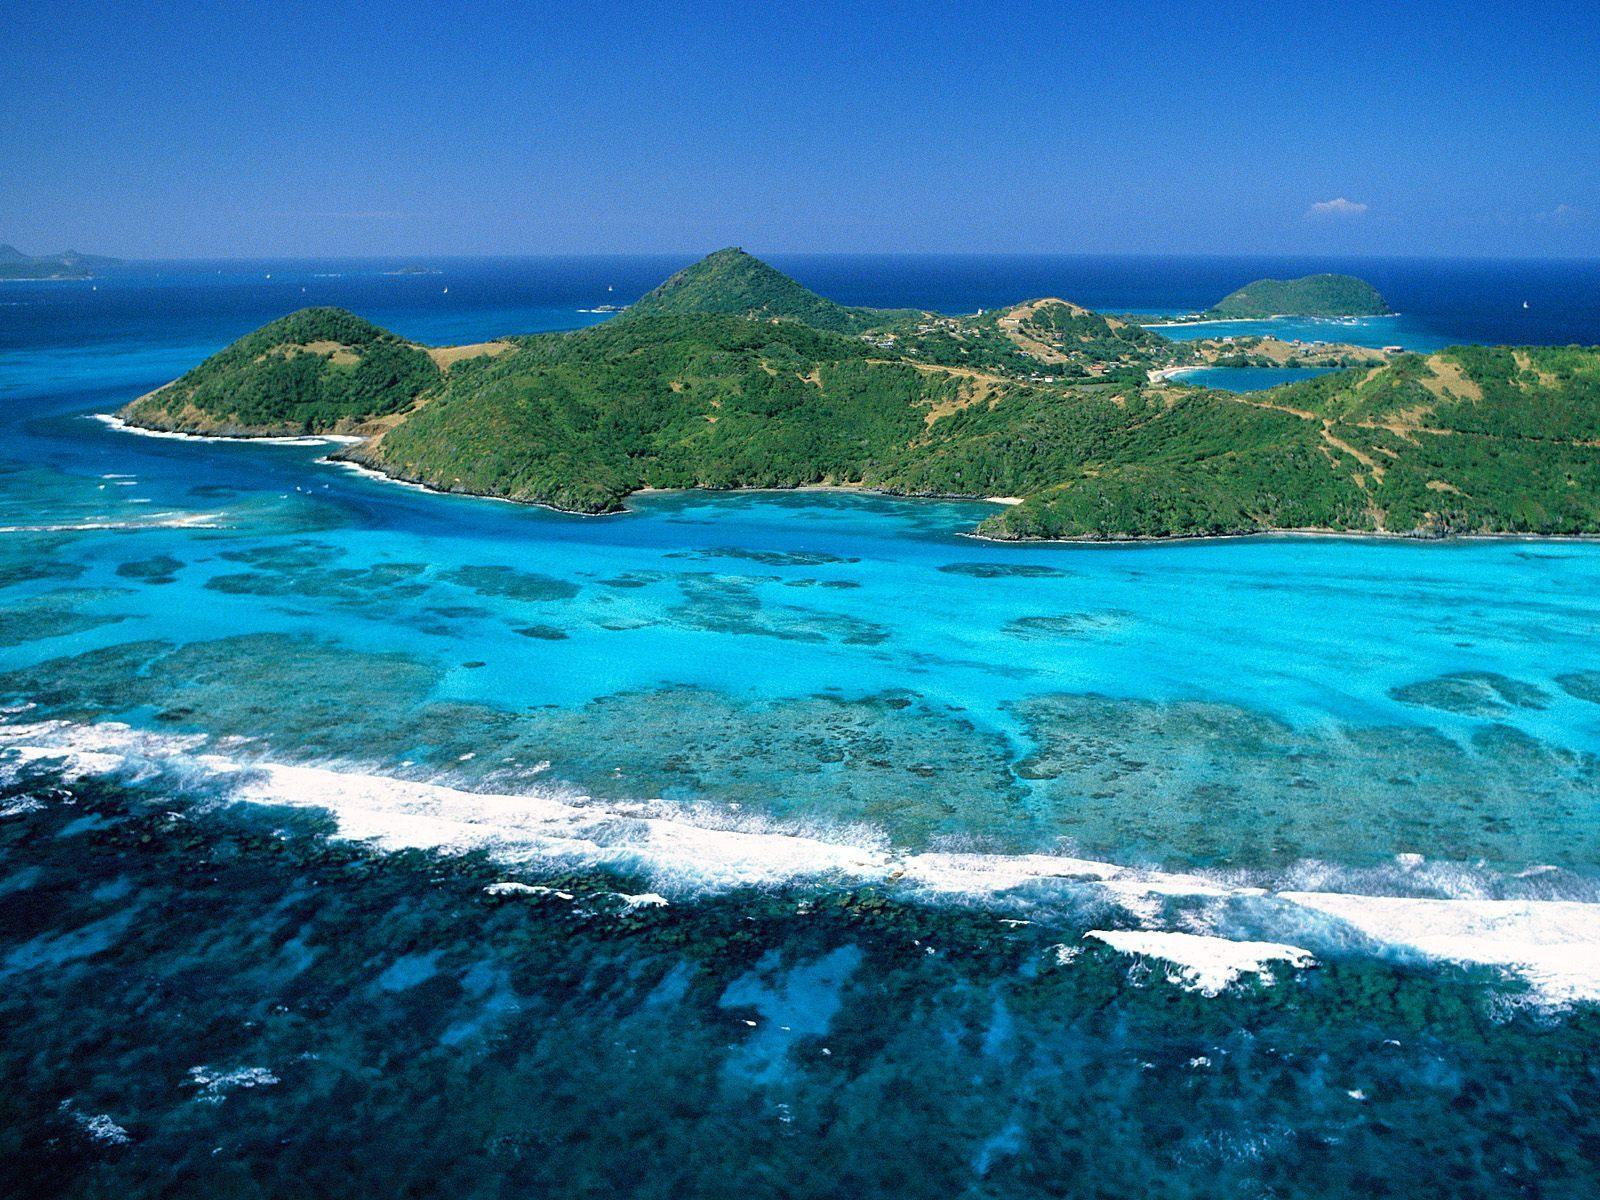 http://2.bp.blogspot.com/-zw_5D7J1ngk/TVW5IrZ0ZUI/AAAAAAAAAE4/chXJVWZV6dk/s1600/Beautiful-Places-national-geographic-6969428-1600-1200.jpg